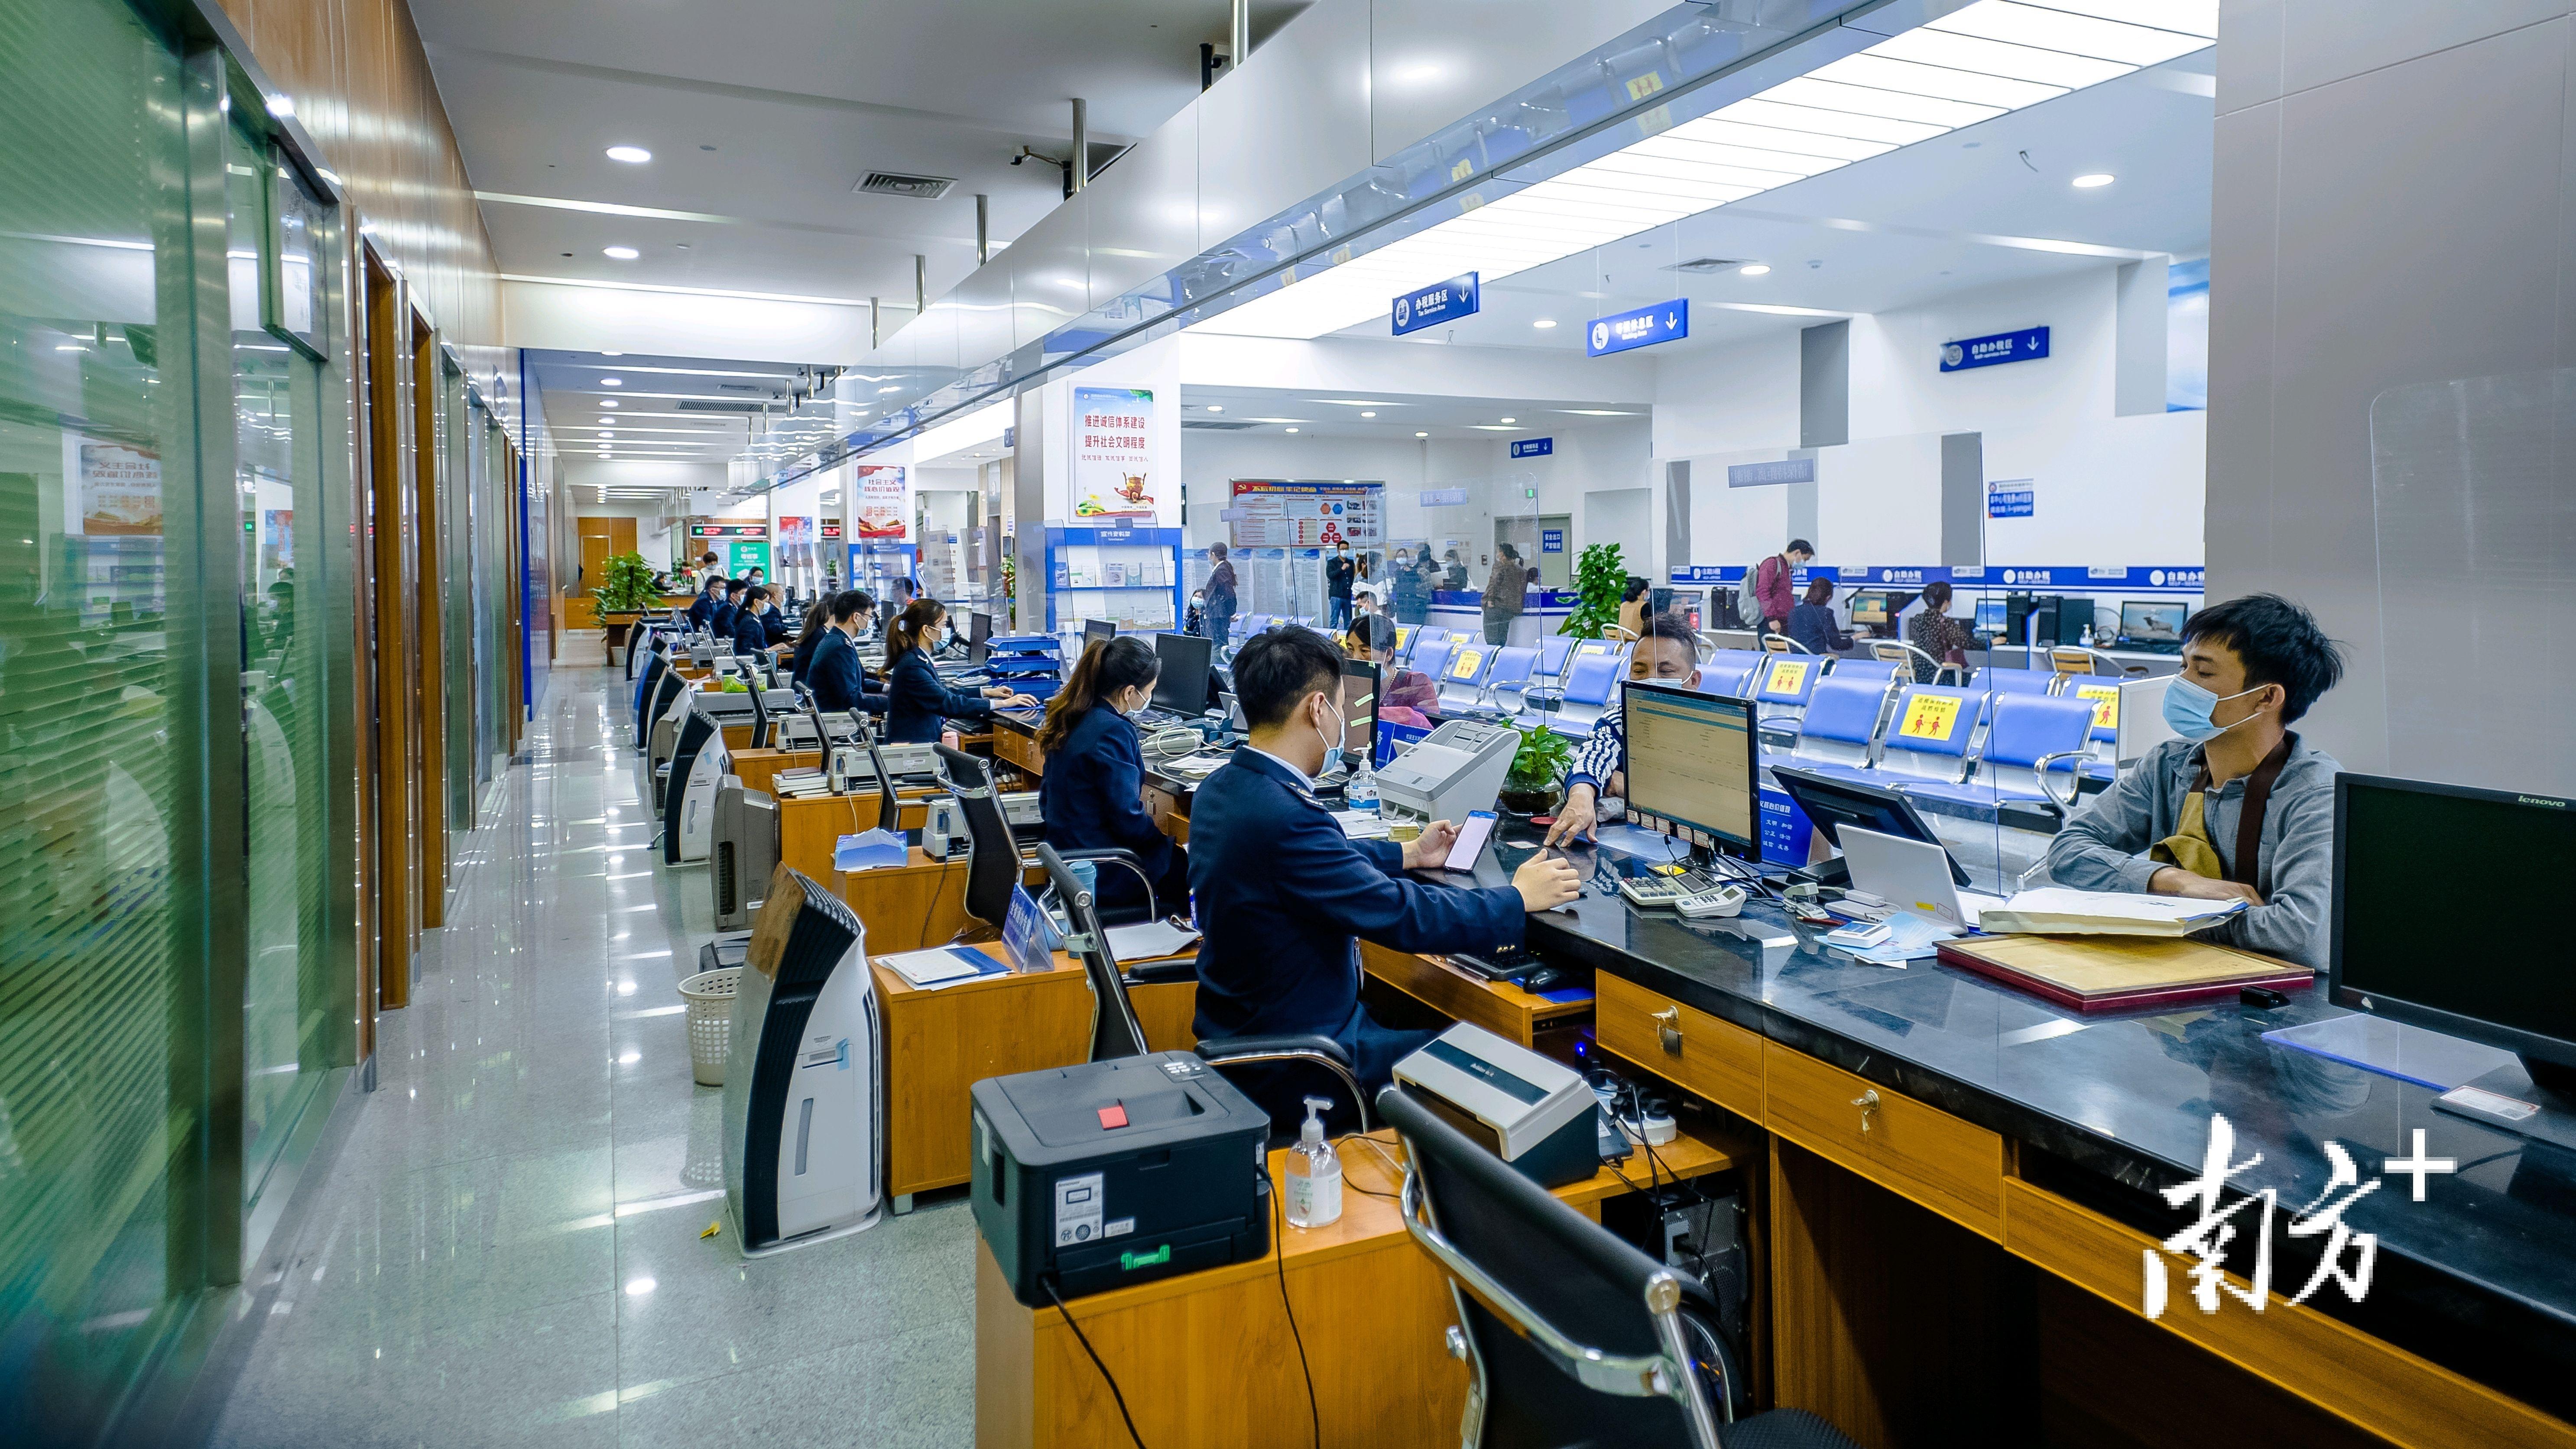 在阳西县政务服务中心,窗口工作者着装统一、服务热情。李善周 摄